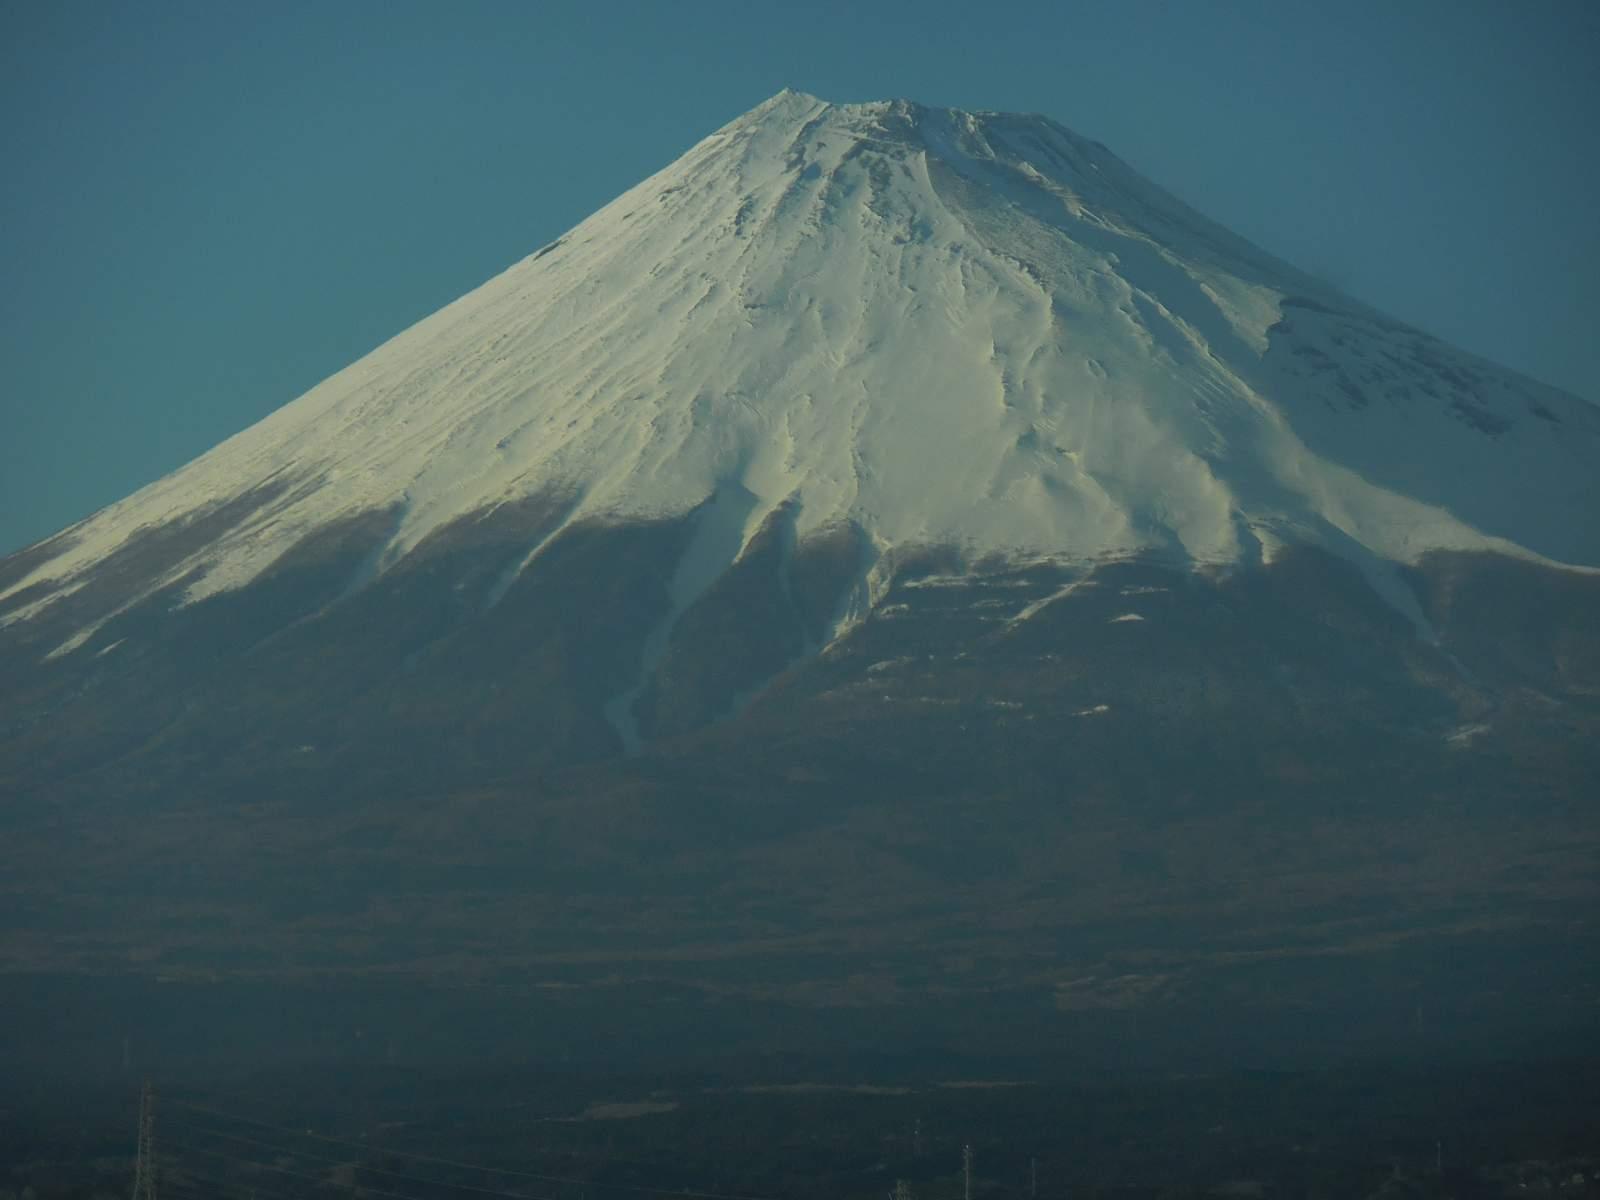 TaraBrowder_Japan_MtFuji_DSCN0027.jpg